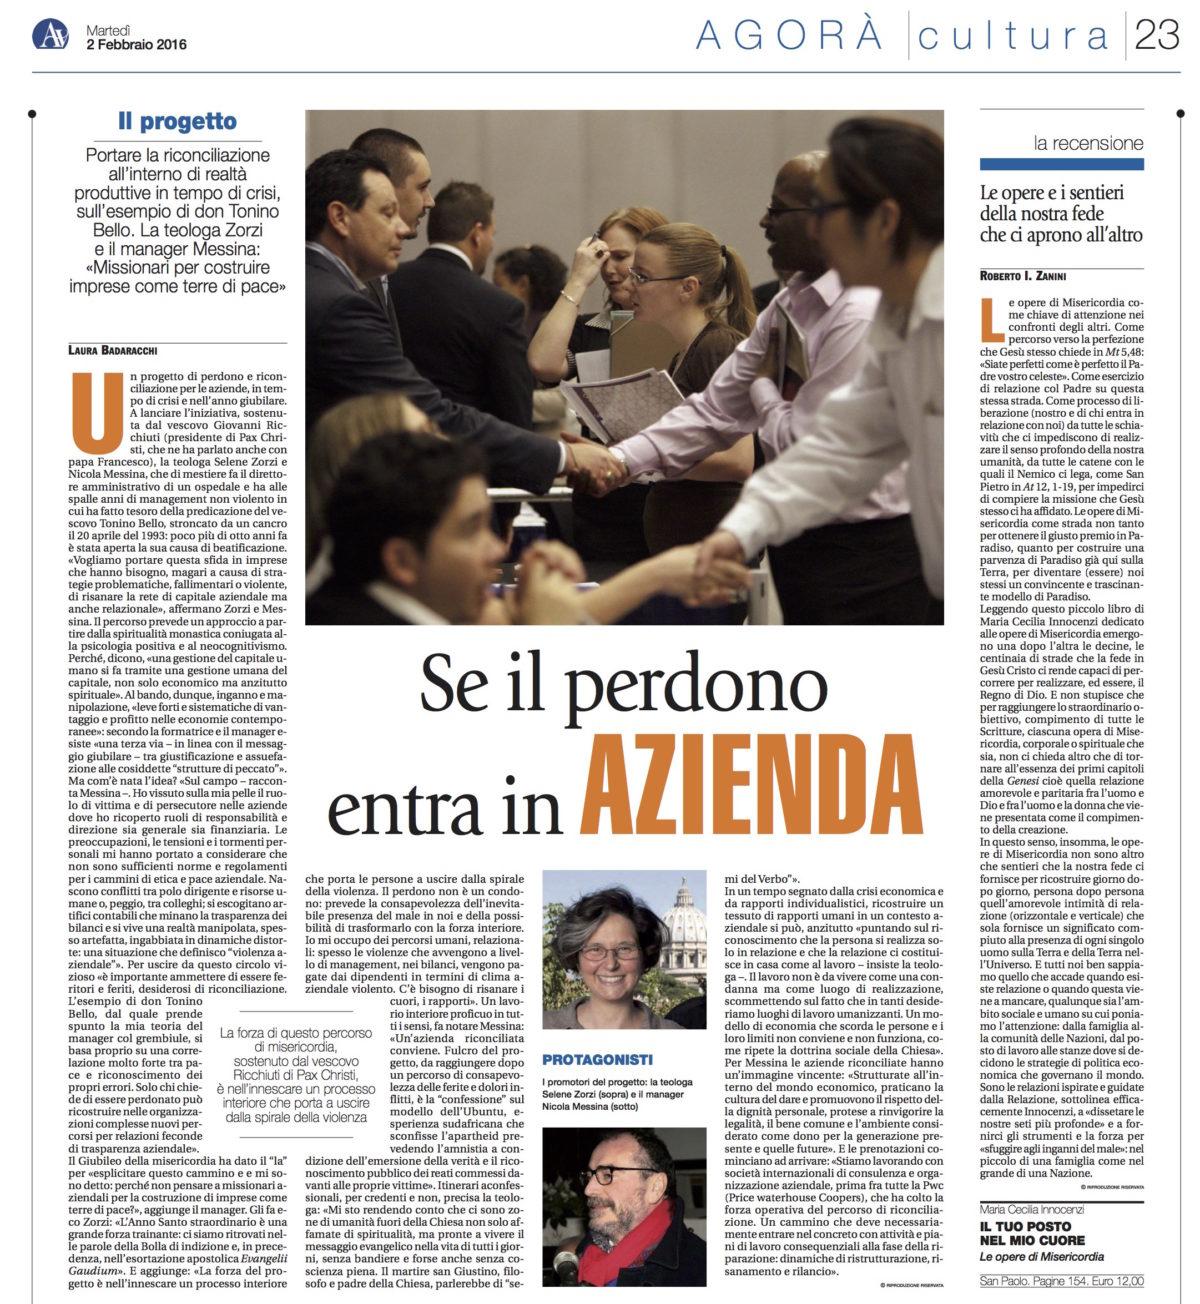 Se il perdono entra in Azienda (Avvenire 2.2.2016)